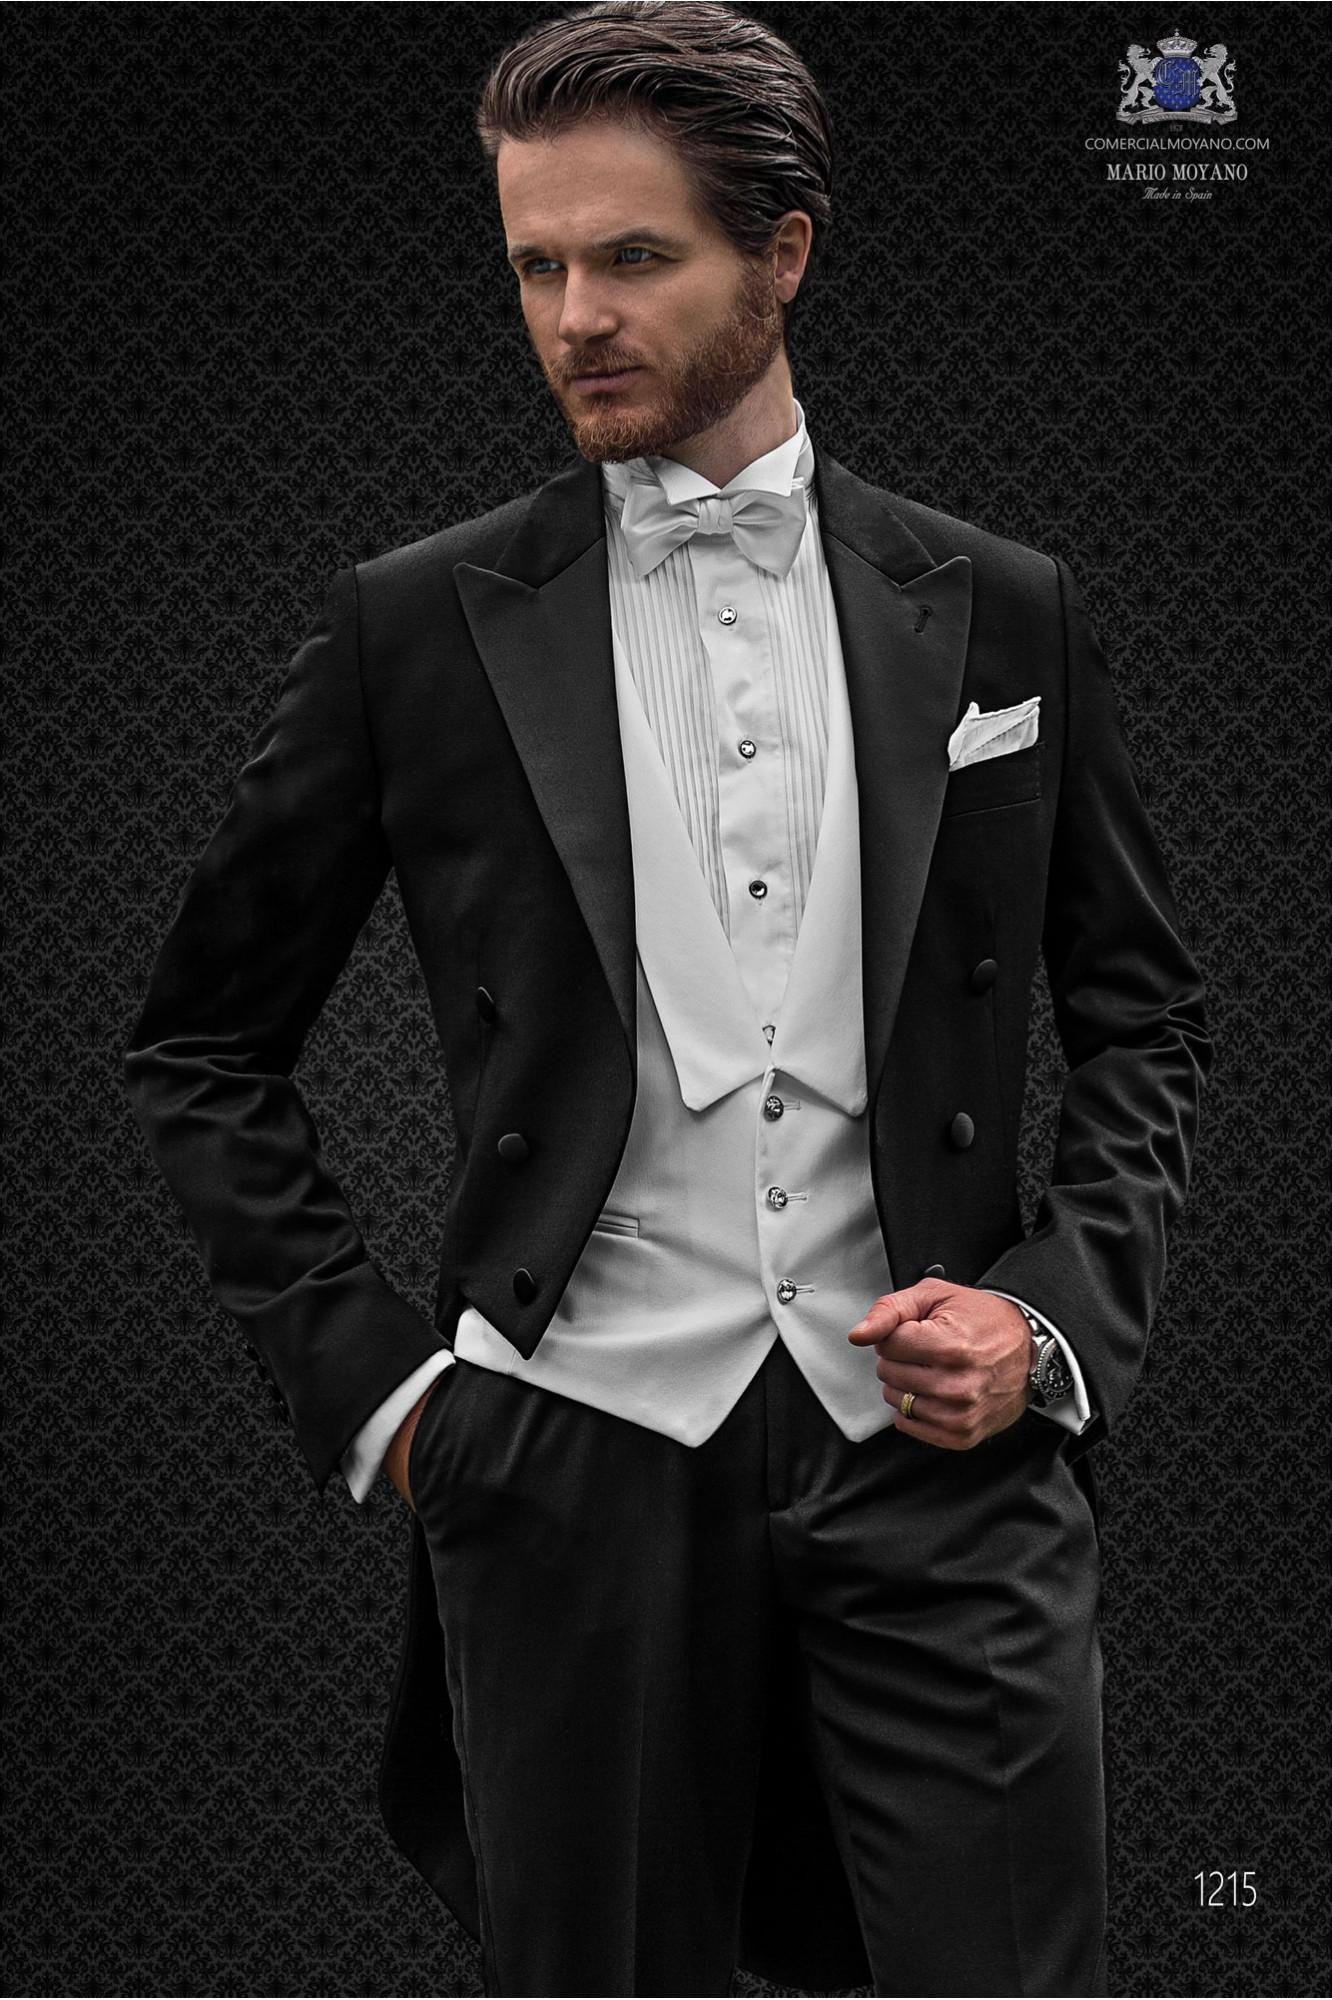 Frac italiano negro mixto lana con solapas de punta y botones negros de raso